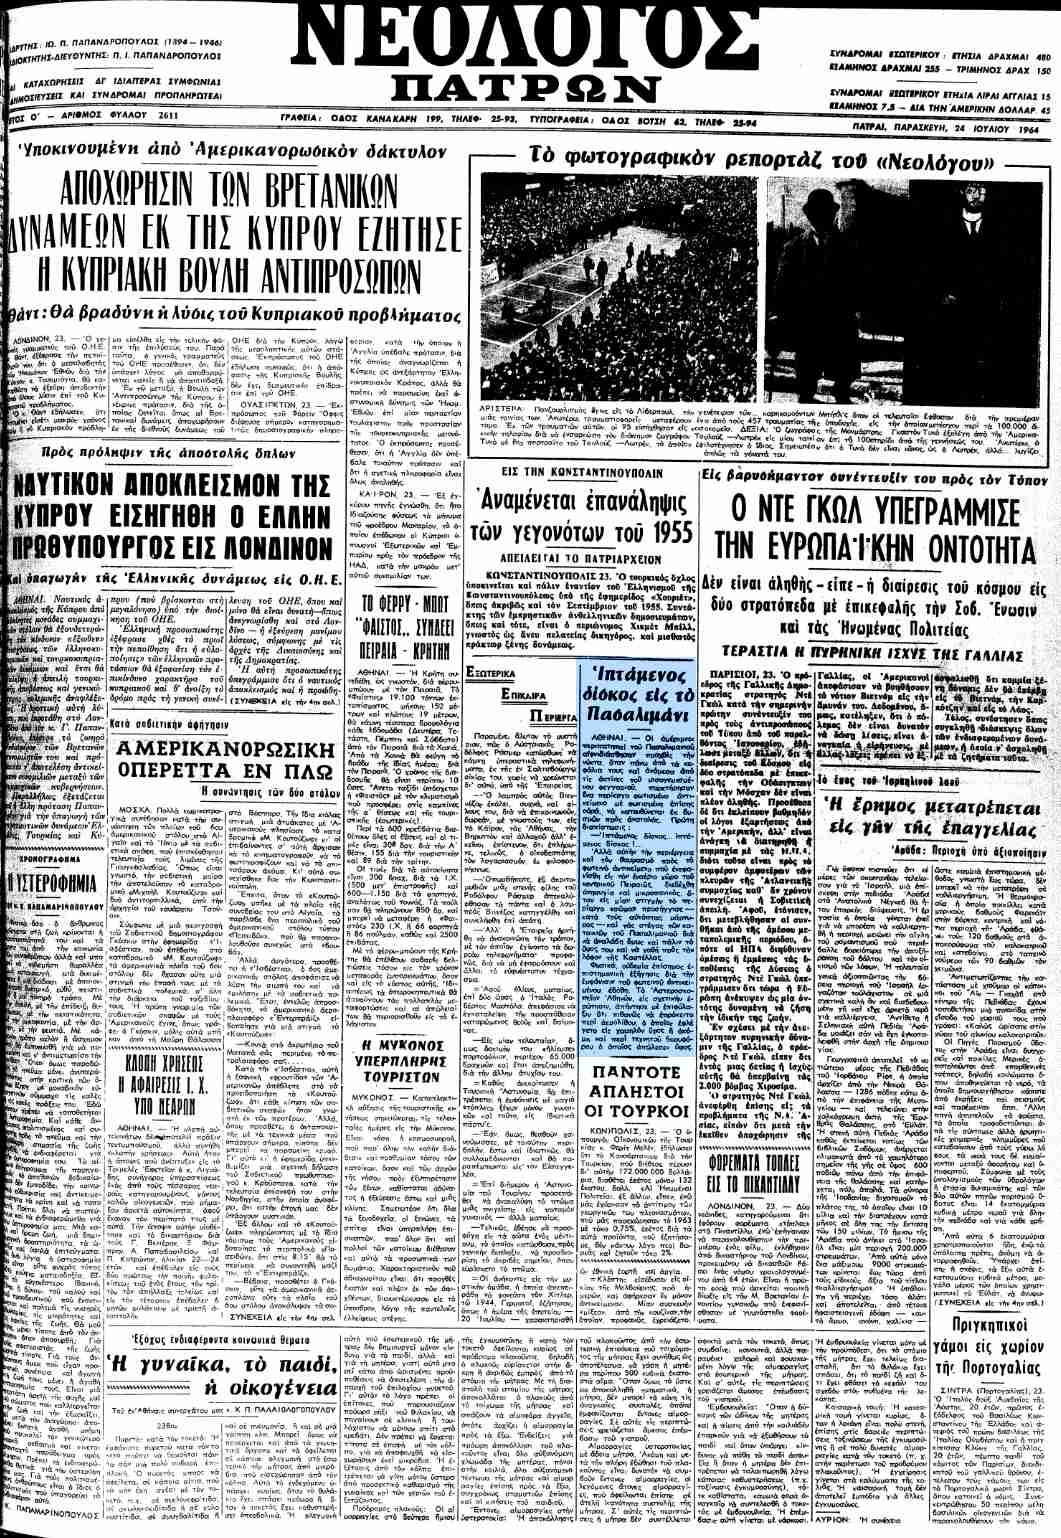 """Το άρθρο, όπως δημοσιεύθηκε στην εφημερίδα """"ΝΕΟΛΟΓΟΣ ΠΑΤΡΩΝ"""", στις 24/07/1964"""